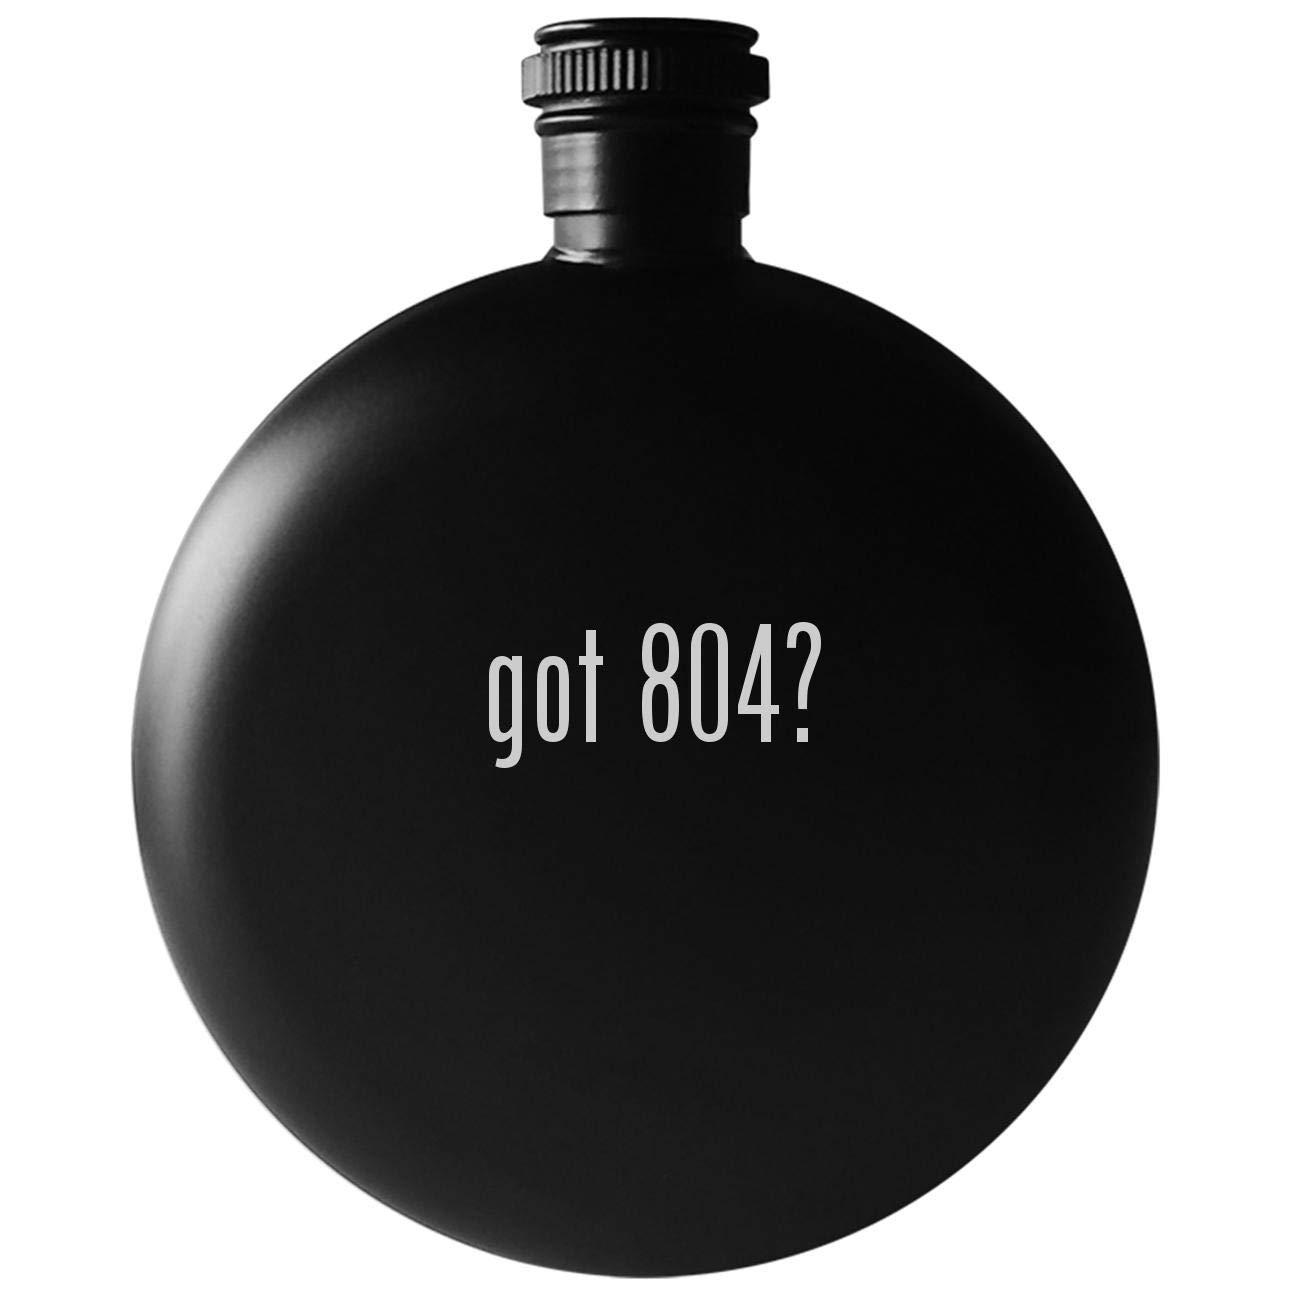 【即発送可能】 804をゲットしましたか? - 5オンス 5オンス ラウンドドリンク用アルコールフラスコ マットブラック B07H5661SH B07H5661SH, ニノミヤマチ:405a539f --- a0267596.xsph.ru